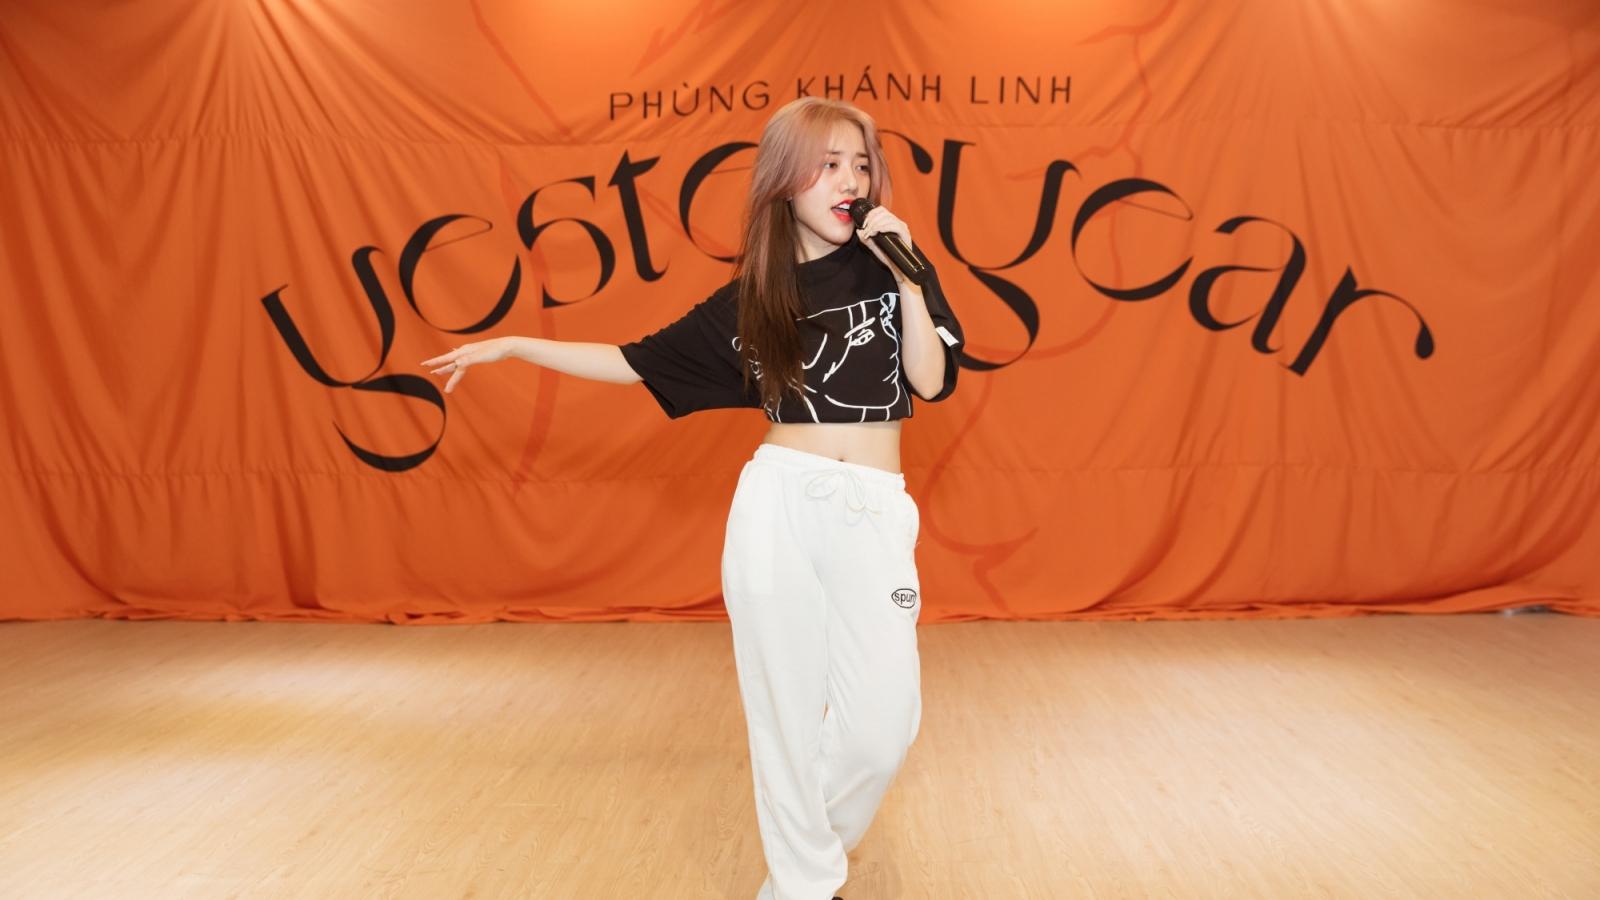 Phùng Khánh Linh dốc sức tập vũ đạo chuẩn bị cho showcase quảng bá album tiền tỷ